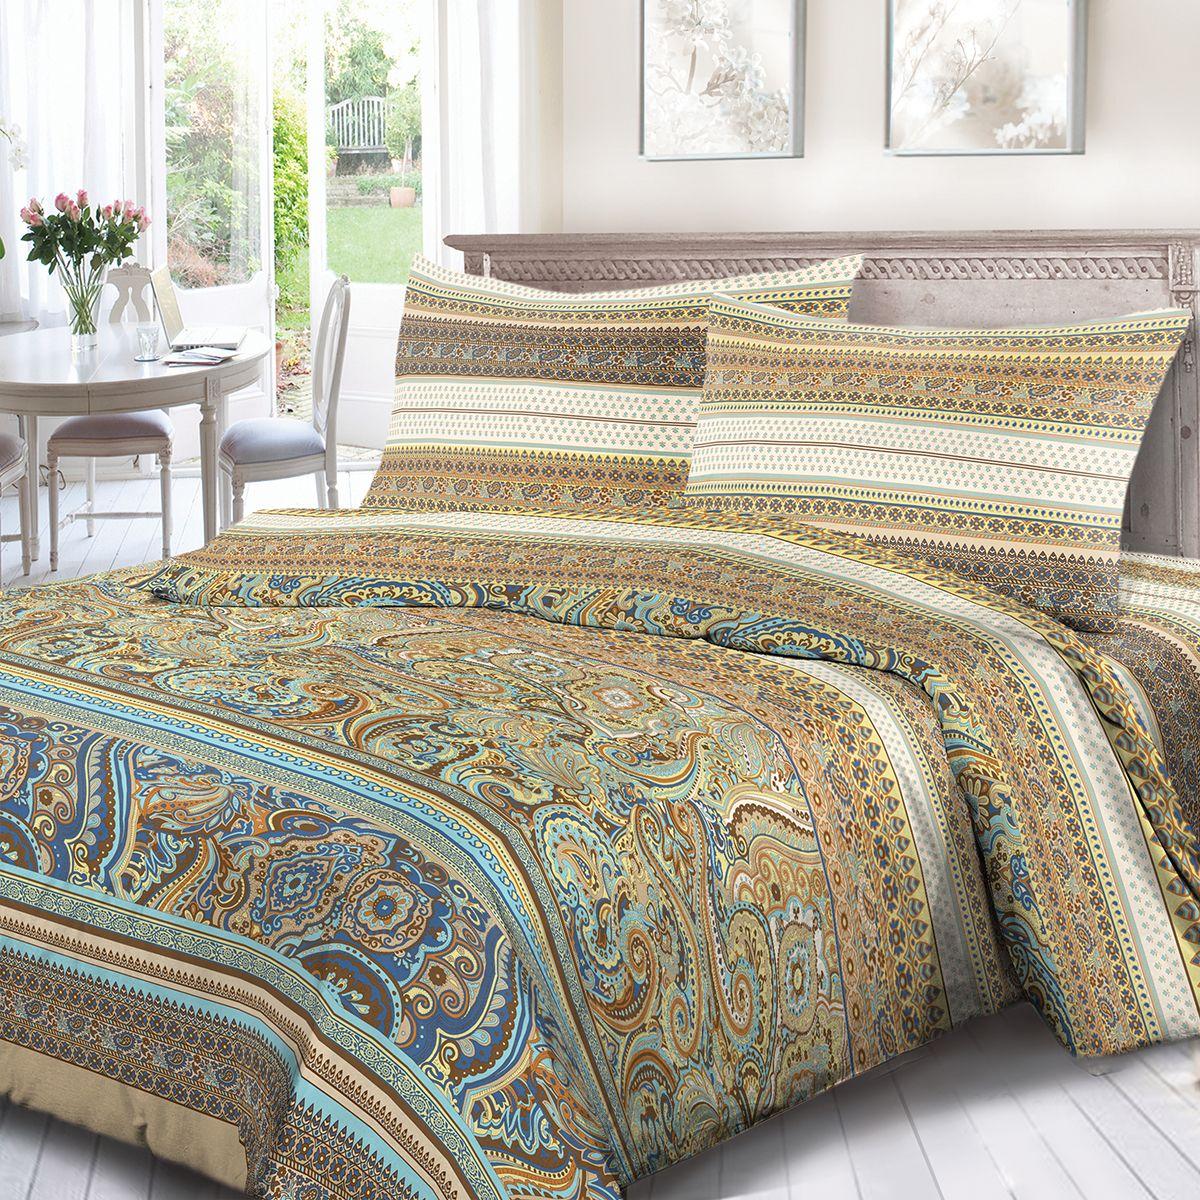 Комплект белья Сорренто Измир, 2-х спальное, наволочки 70x70, цвет: разноцветный. 4126-190438